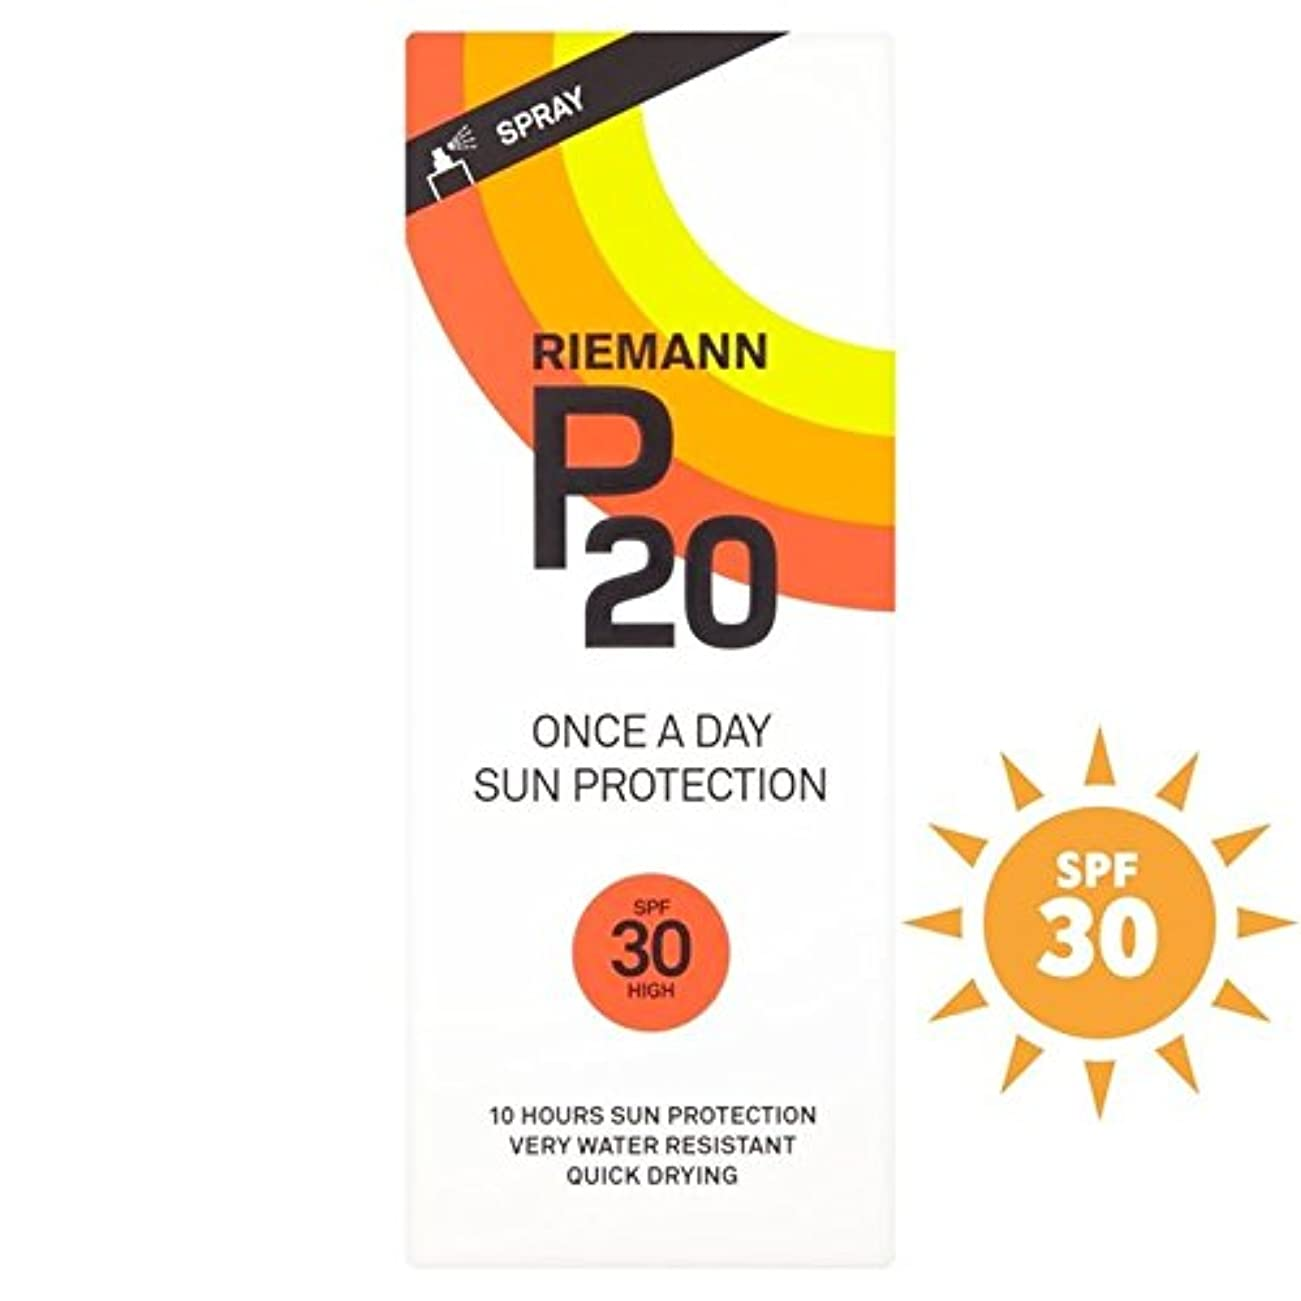 自己尊重悪党セクタリーマン20 30 1日/ 10時間の保護200ミリリットル x4 - Riemann P20 SPF30 1 Day/10 Hour Protection 200ml (Pack of 4) [並行輸入品]